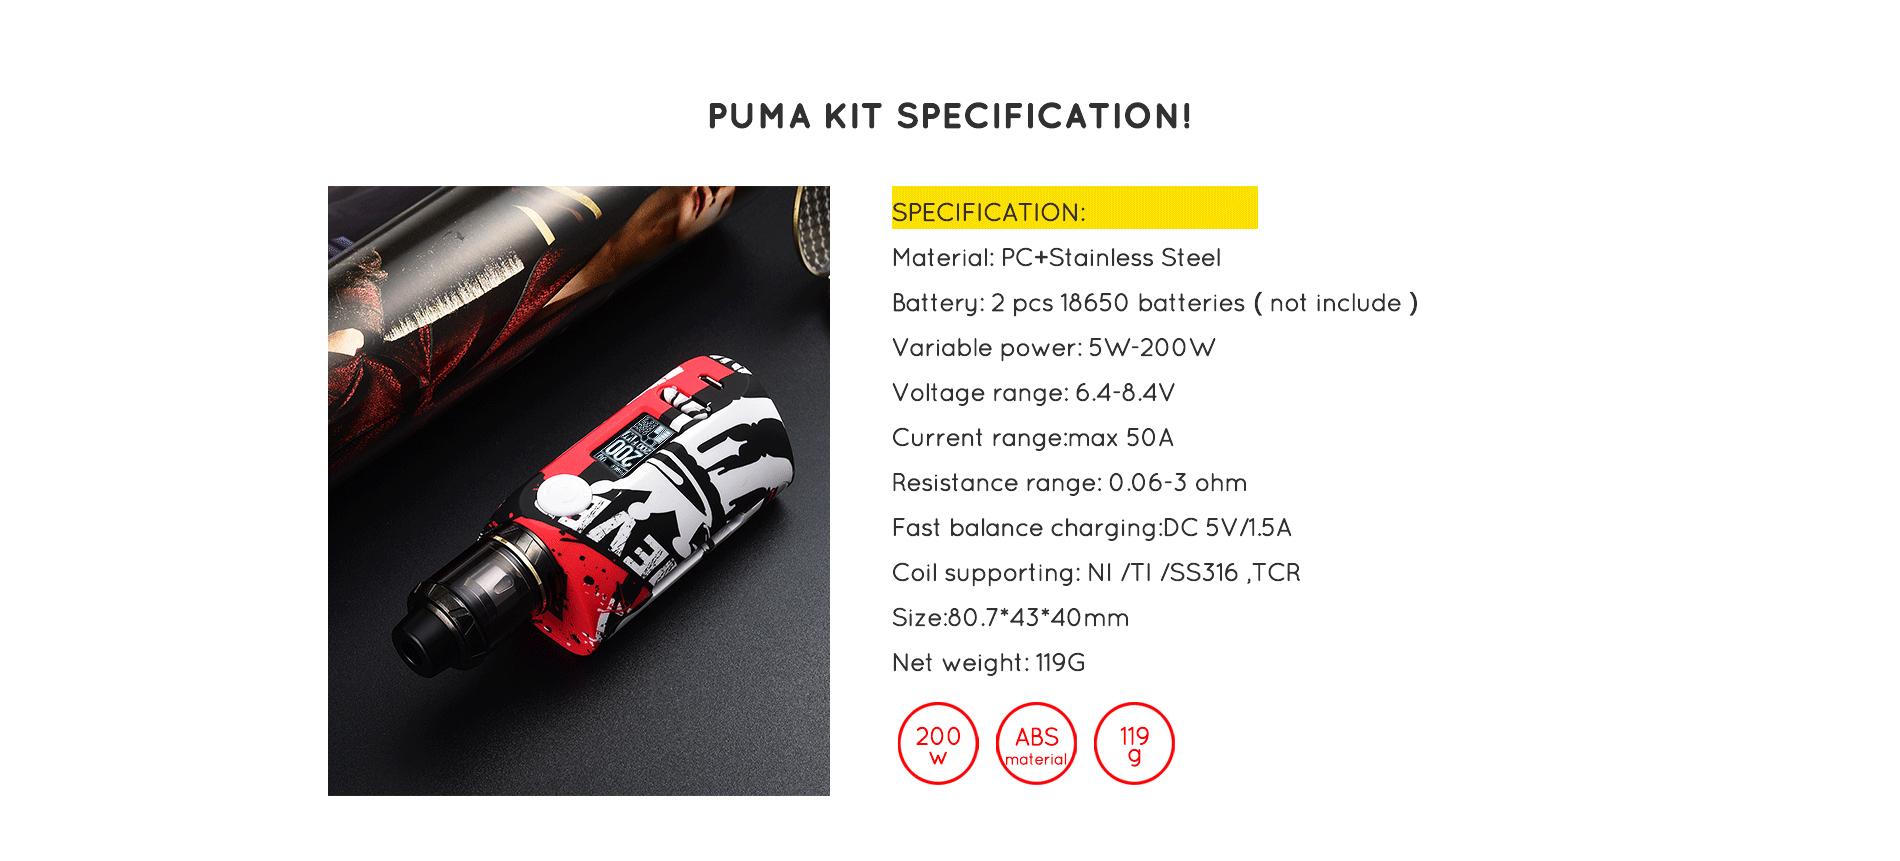 Puma kit